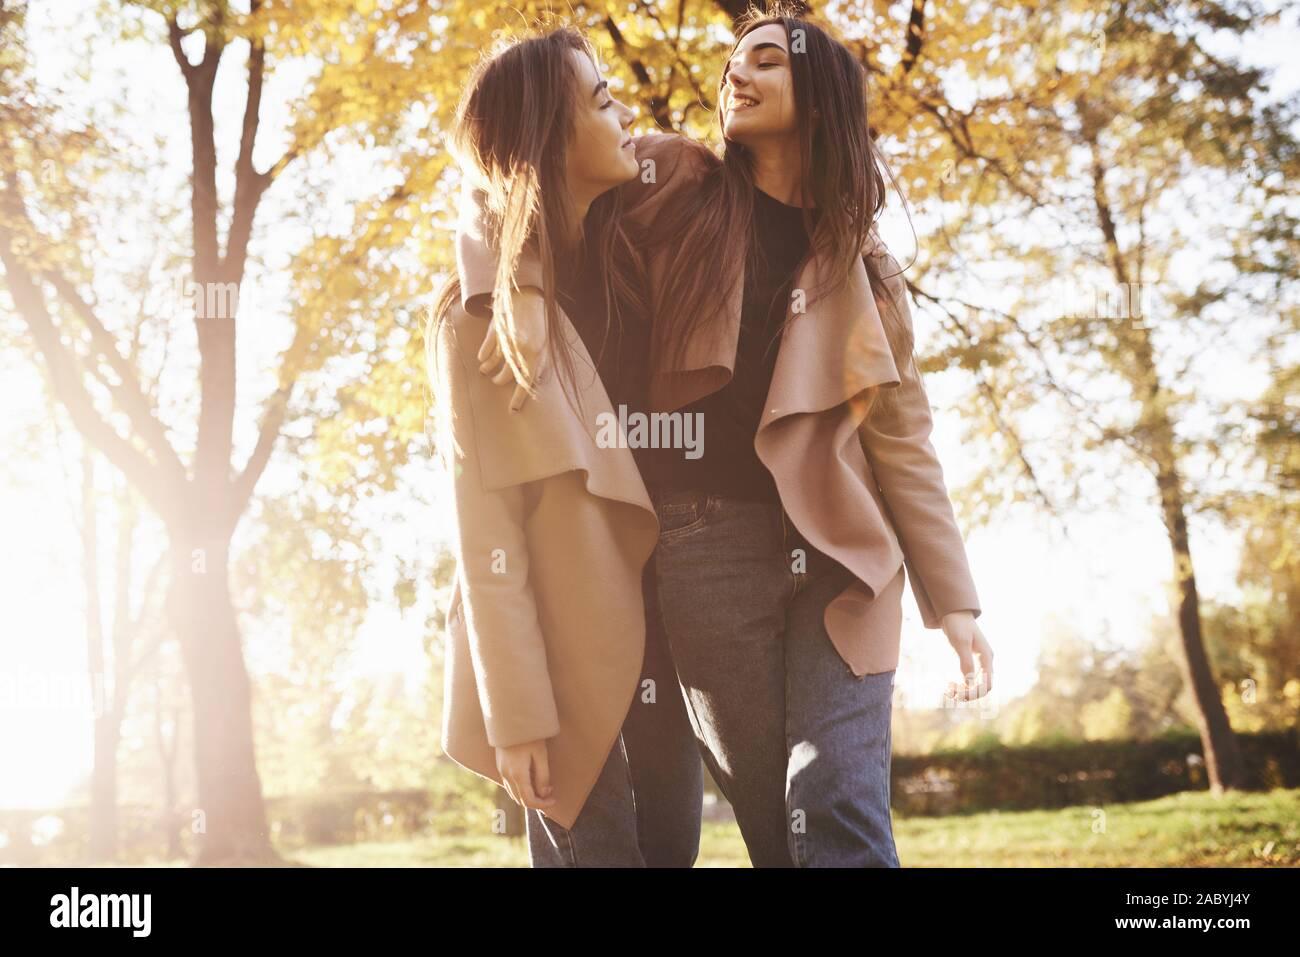 Vista inferior de la joven morena sonriente dos niñas abrazando, mirando el uno al otro y caminando en chaqueta casual en otoño soleado parque en borroso fondo Foto de stock